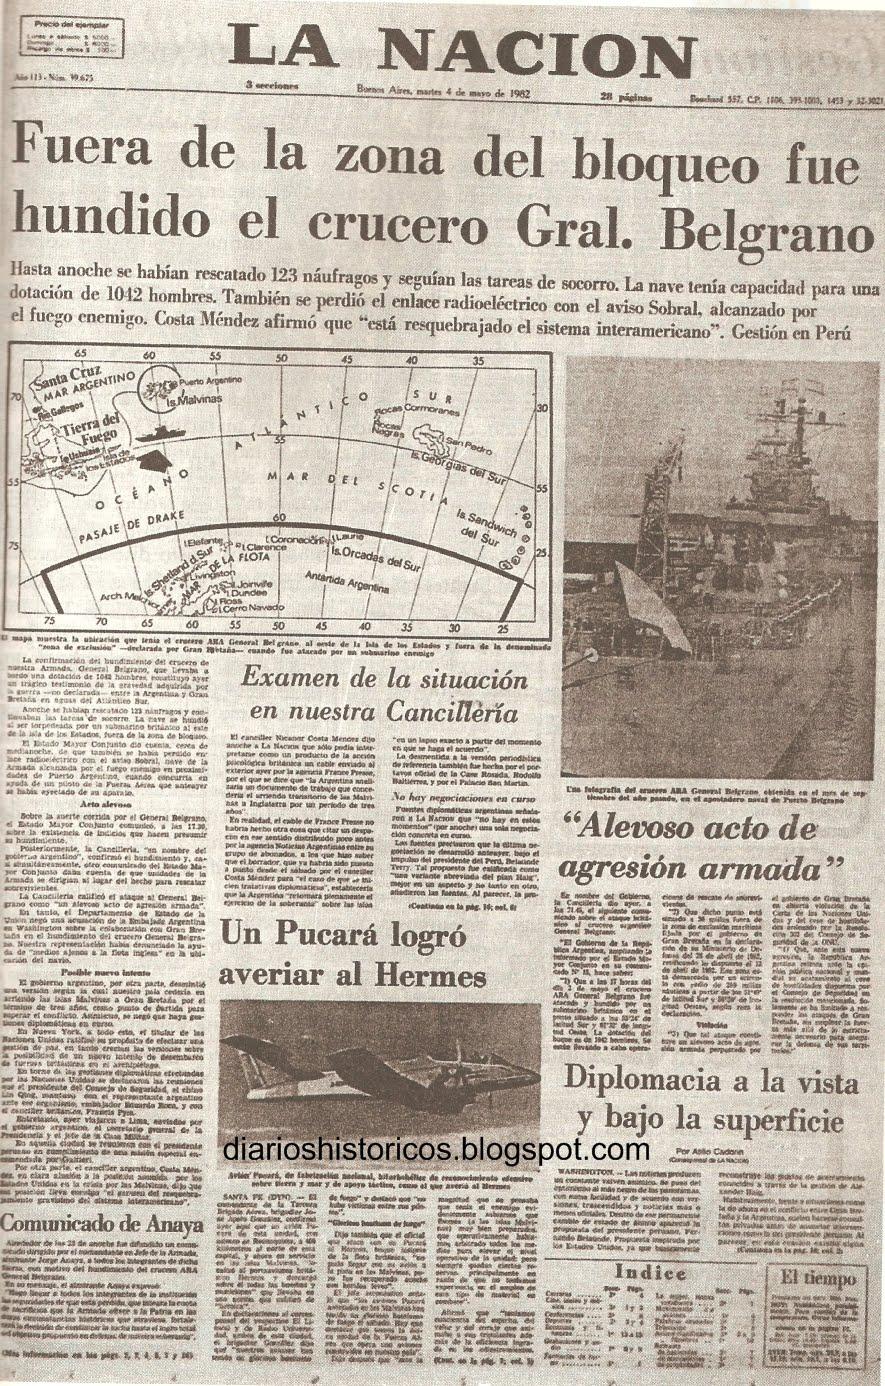 Diarios Históricos: Guerra de Malvinas. Hundimiento del